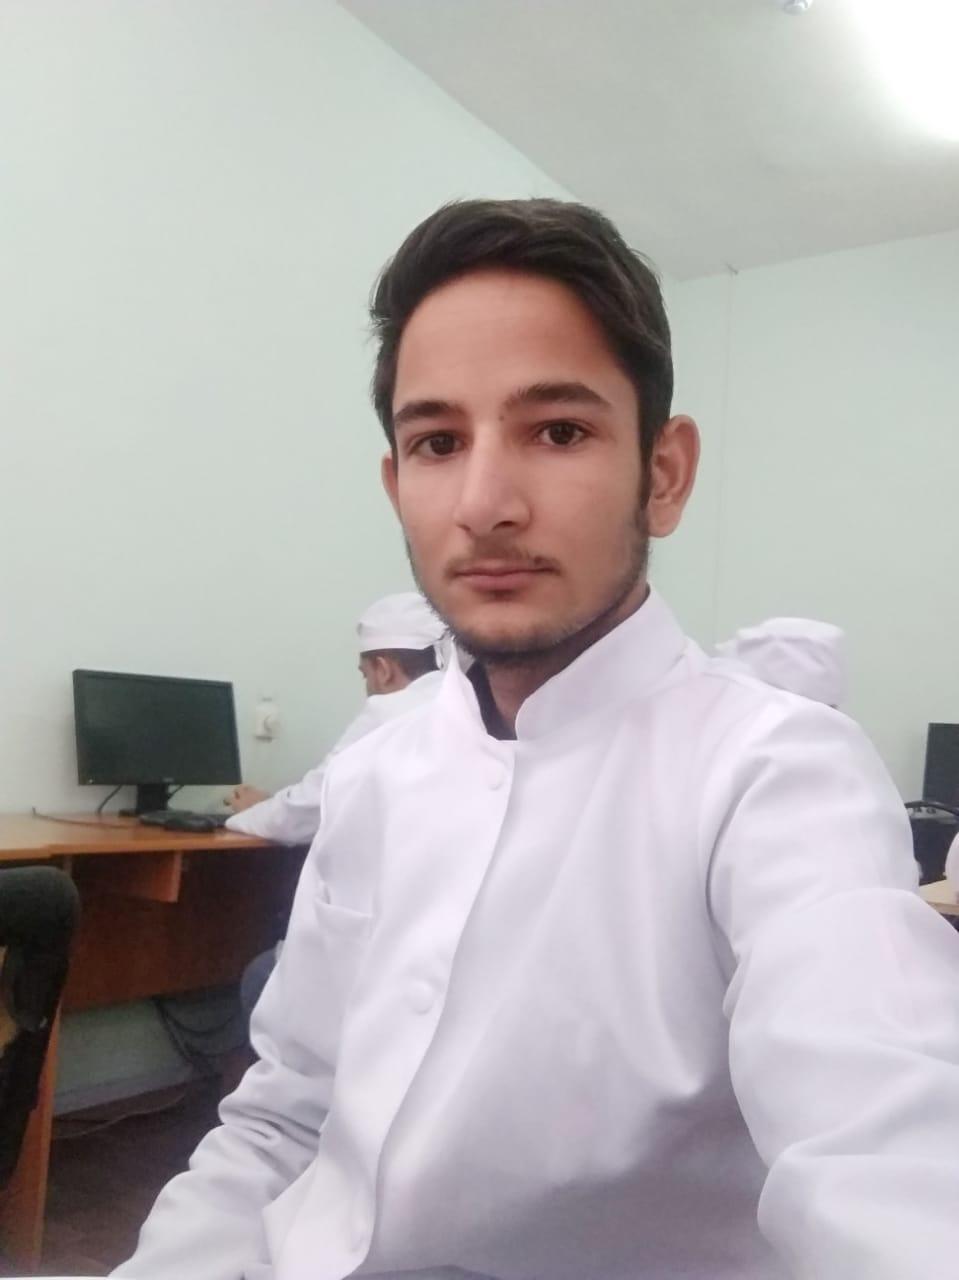 Ashif Qureshi